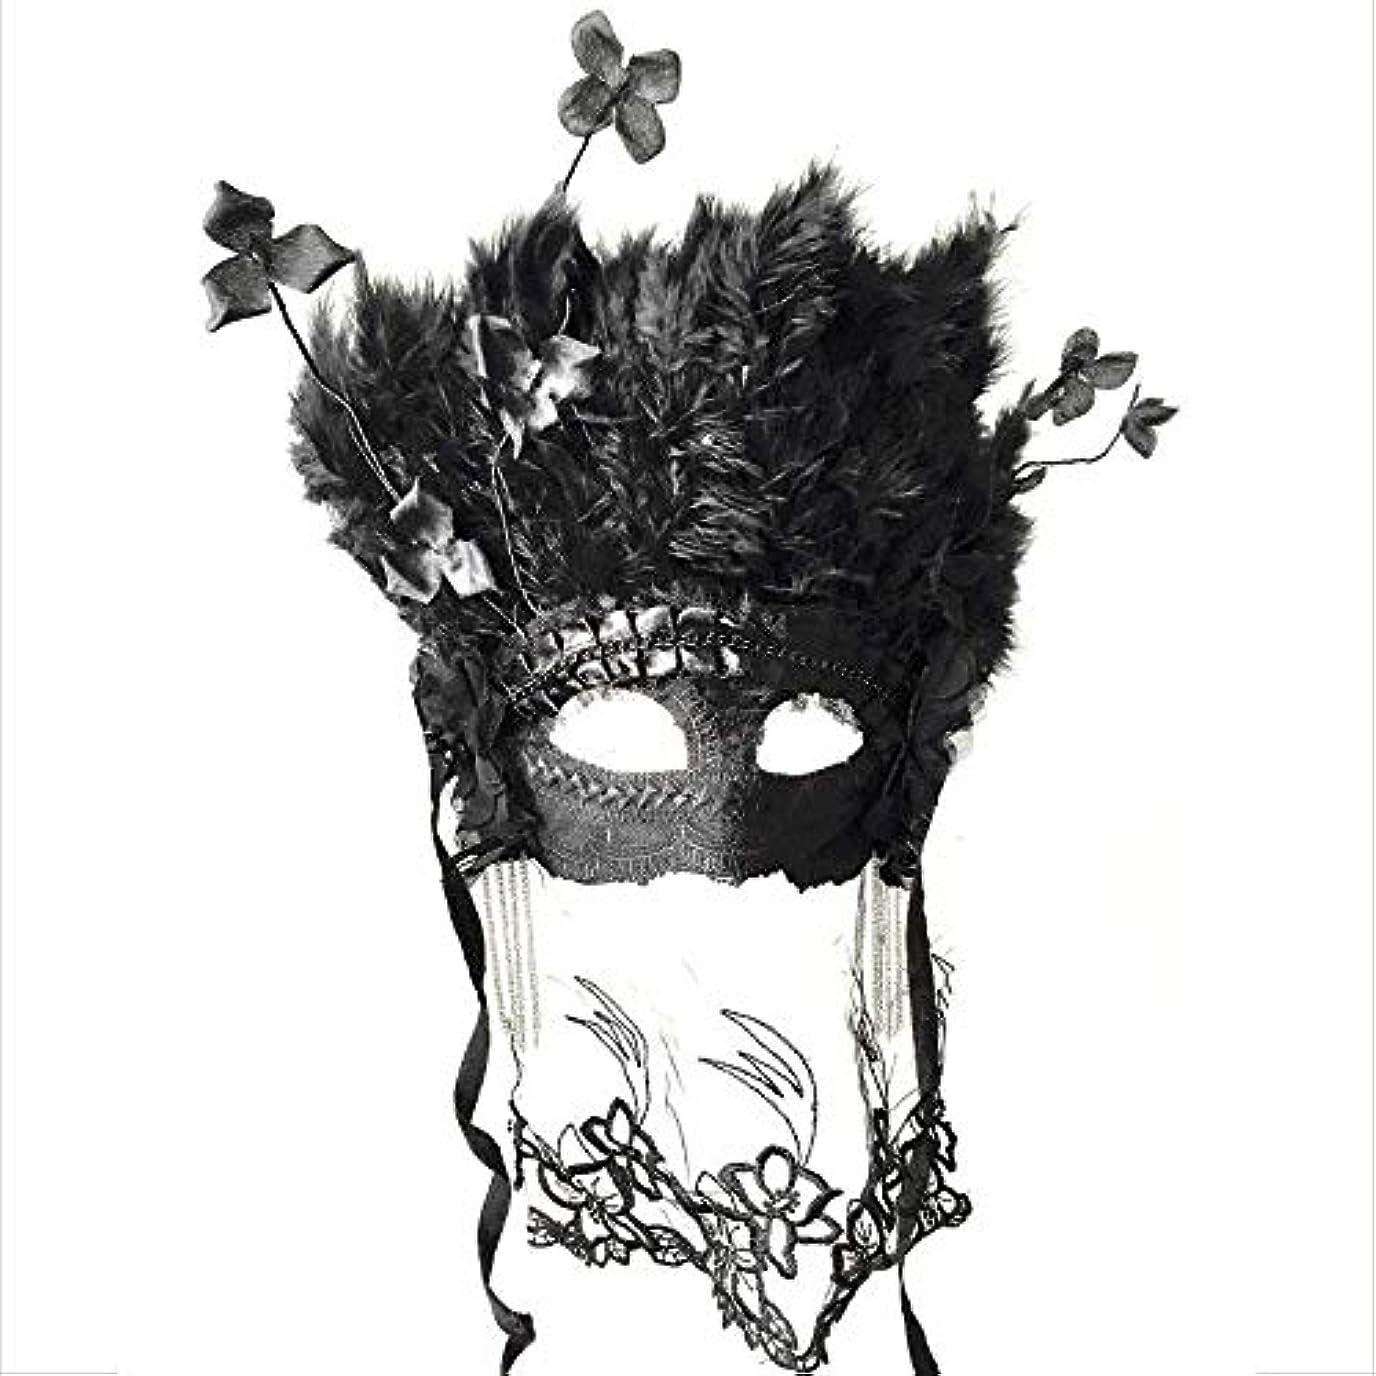 ショートアーク天のNanle ハロウィンクリスマスベールドライフラワーフェザータッセルマスク仮装マスクレディミスプリンセス美容祭パーティーデコレーションマスク